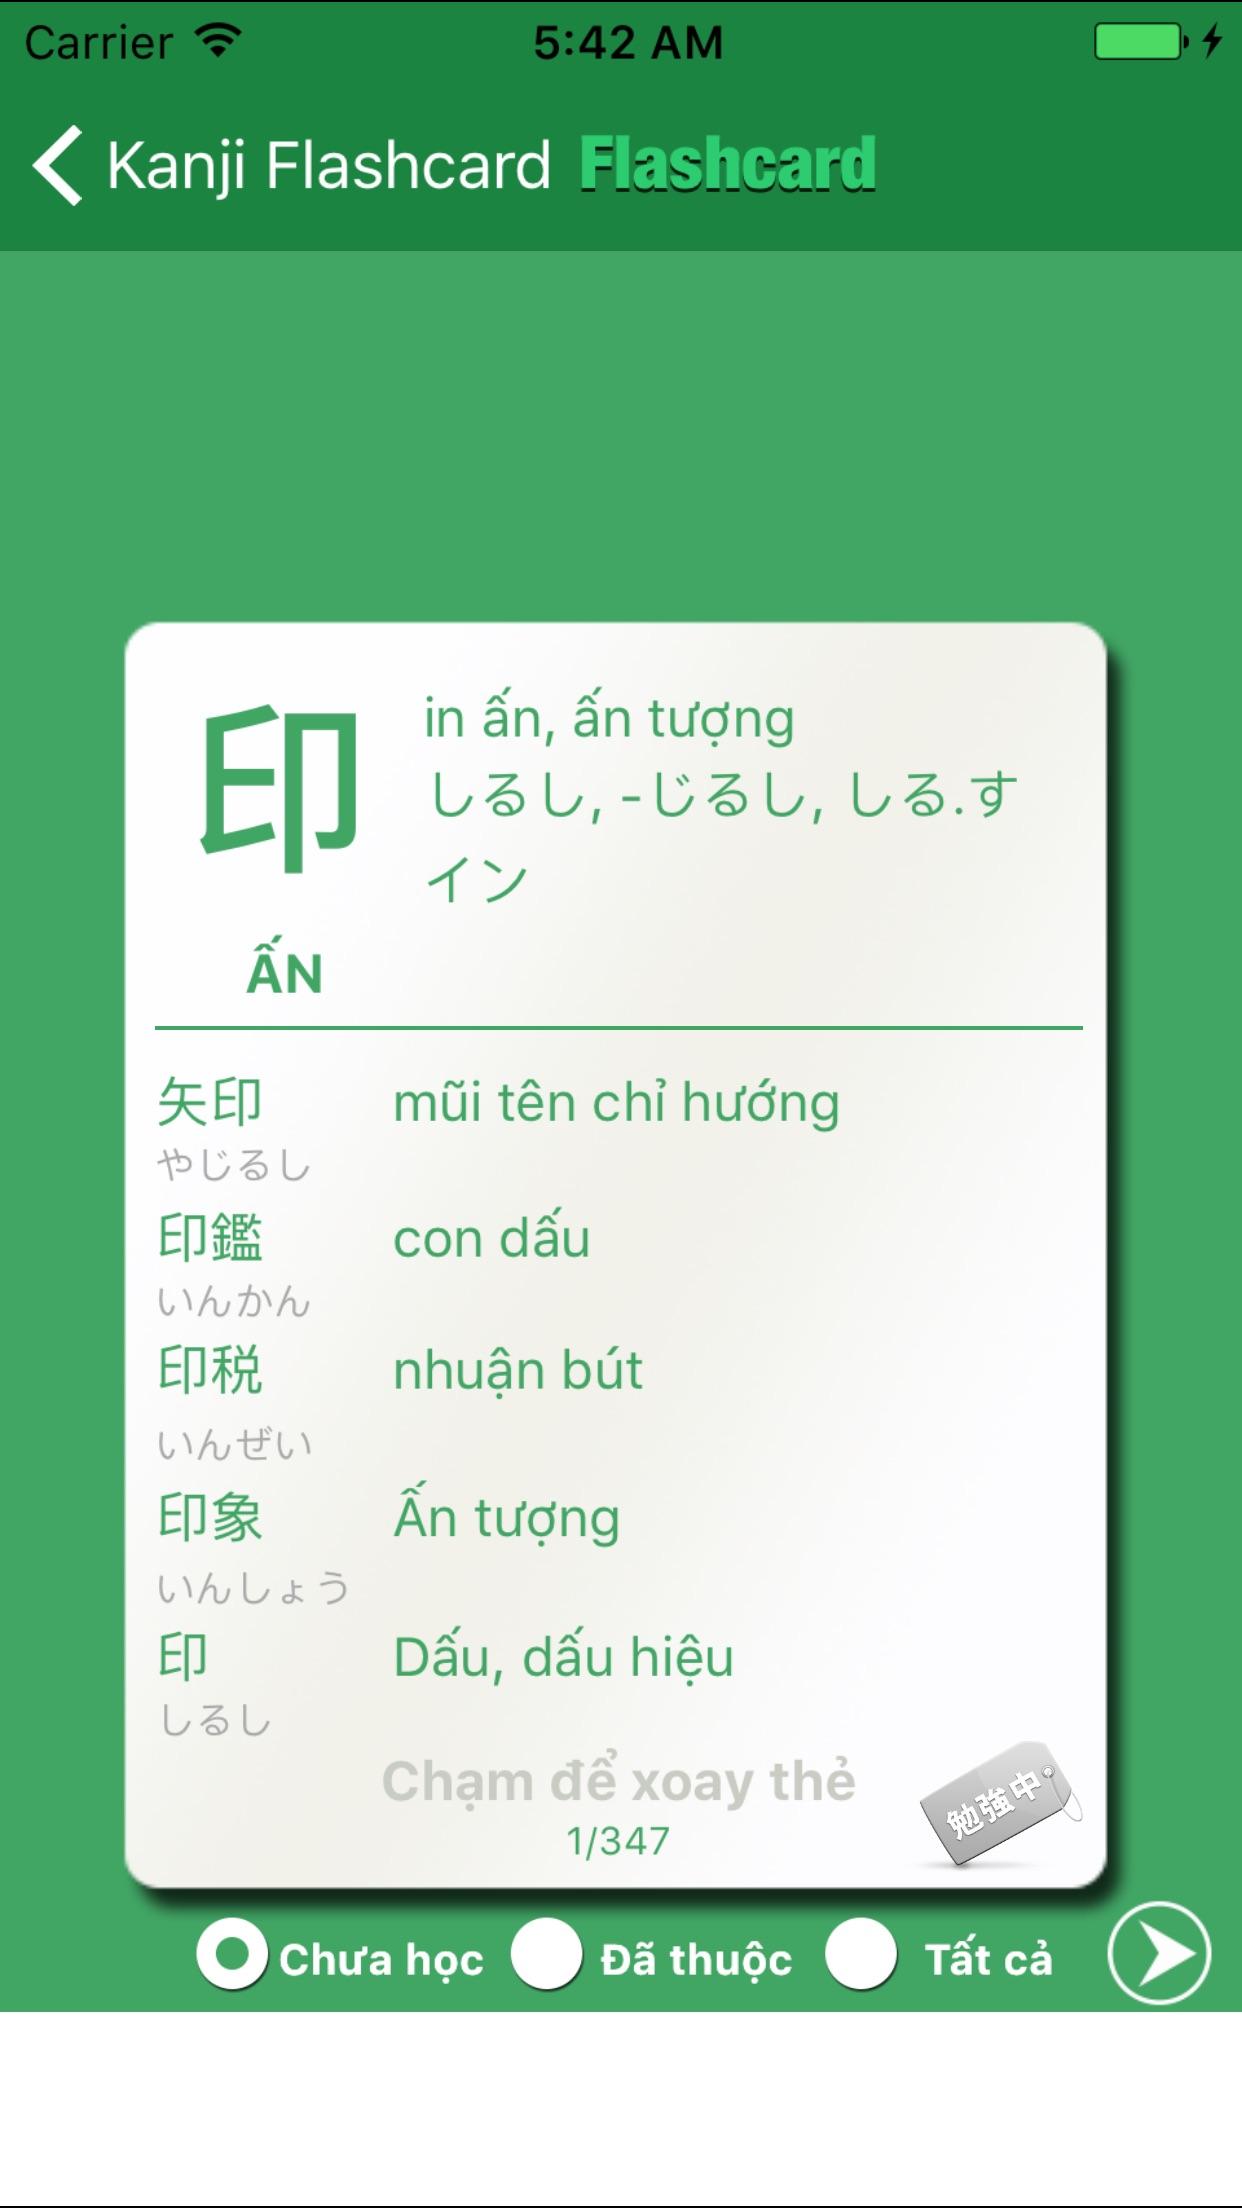 JLPT TOÀN THƯ Screenshot